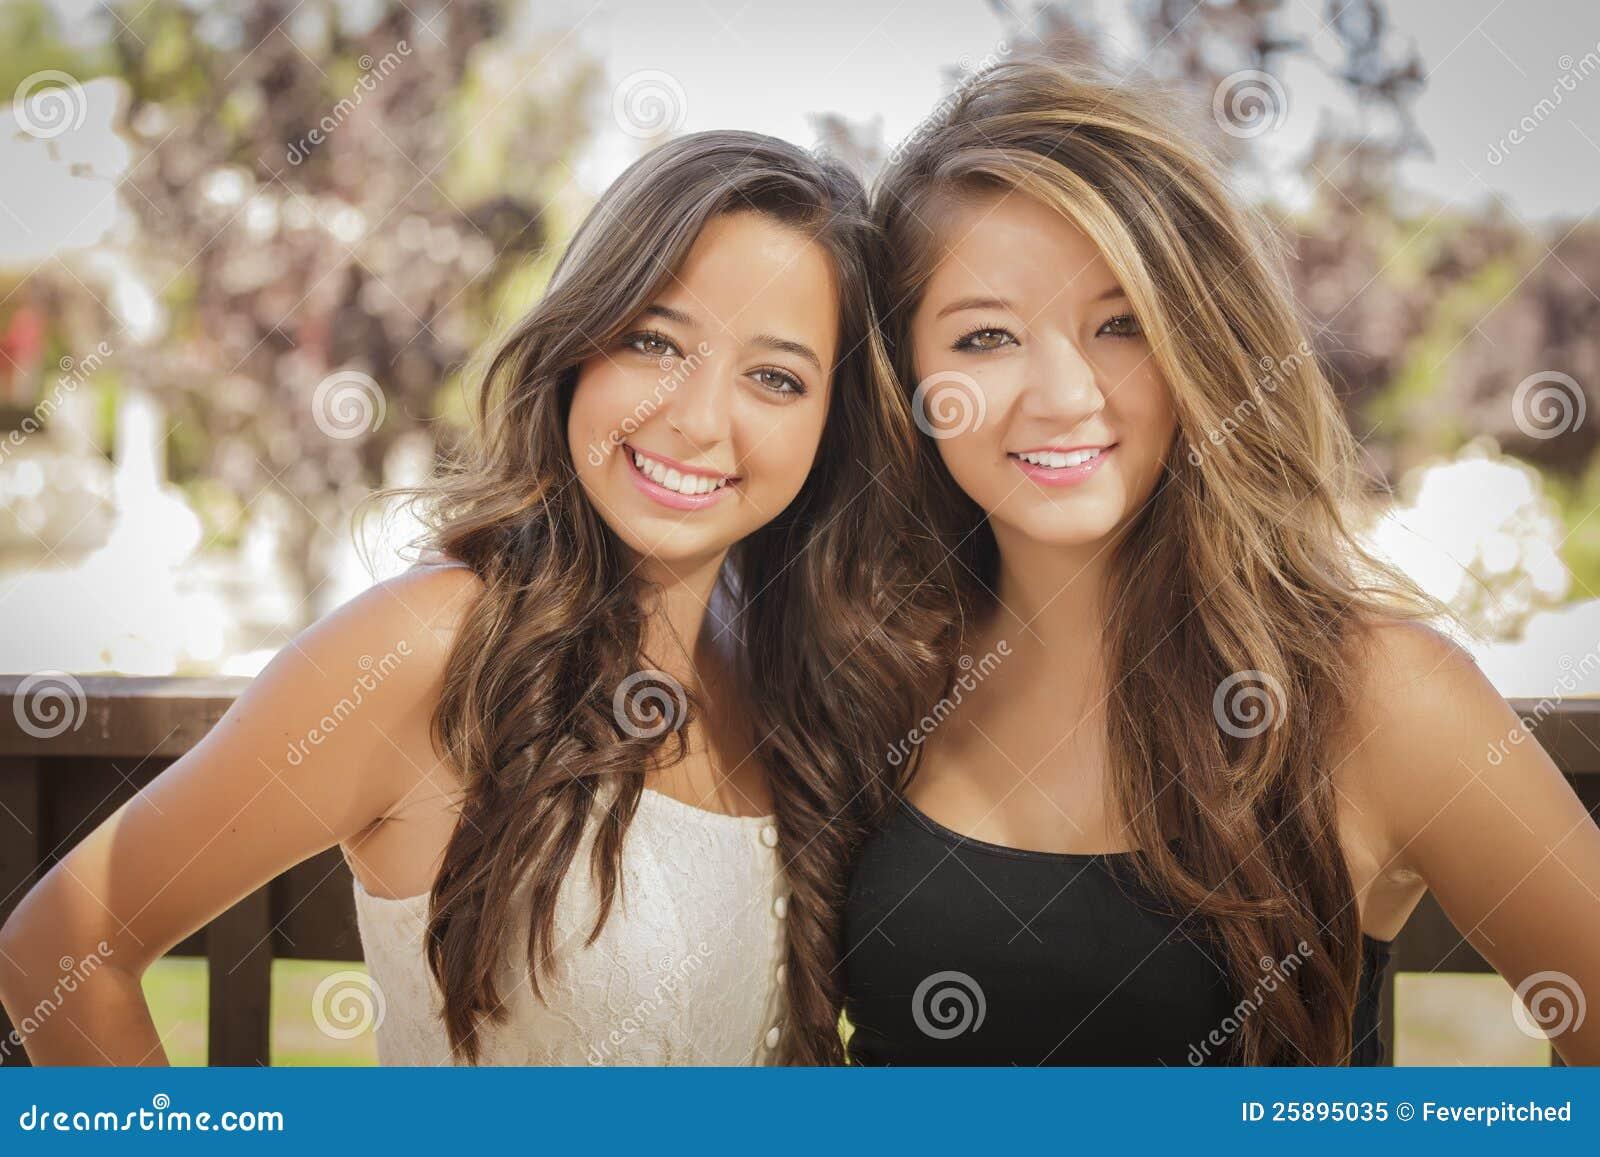 二个可爱的混合的族种女朋友微笑得户外.图片